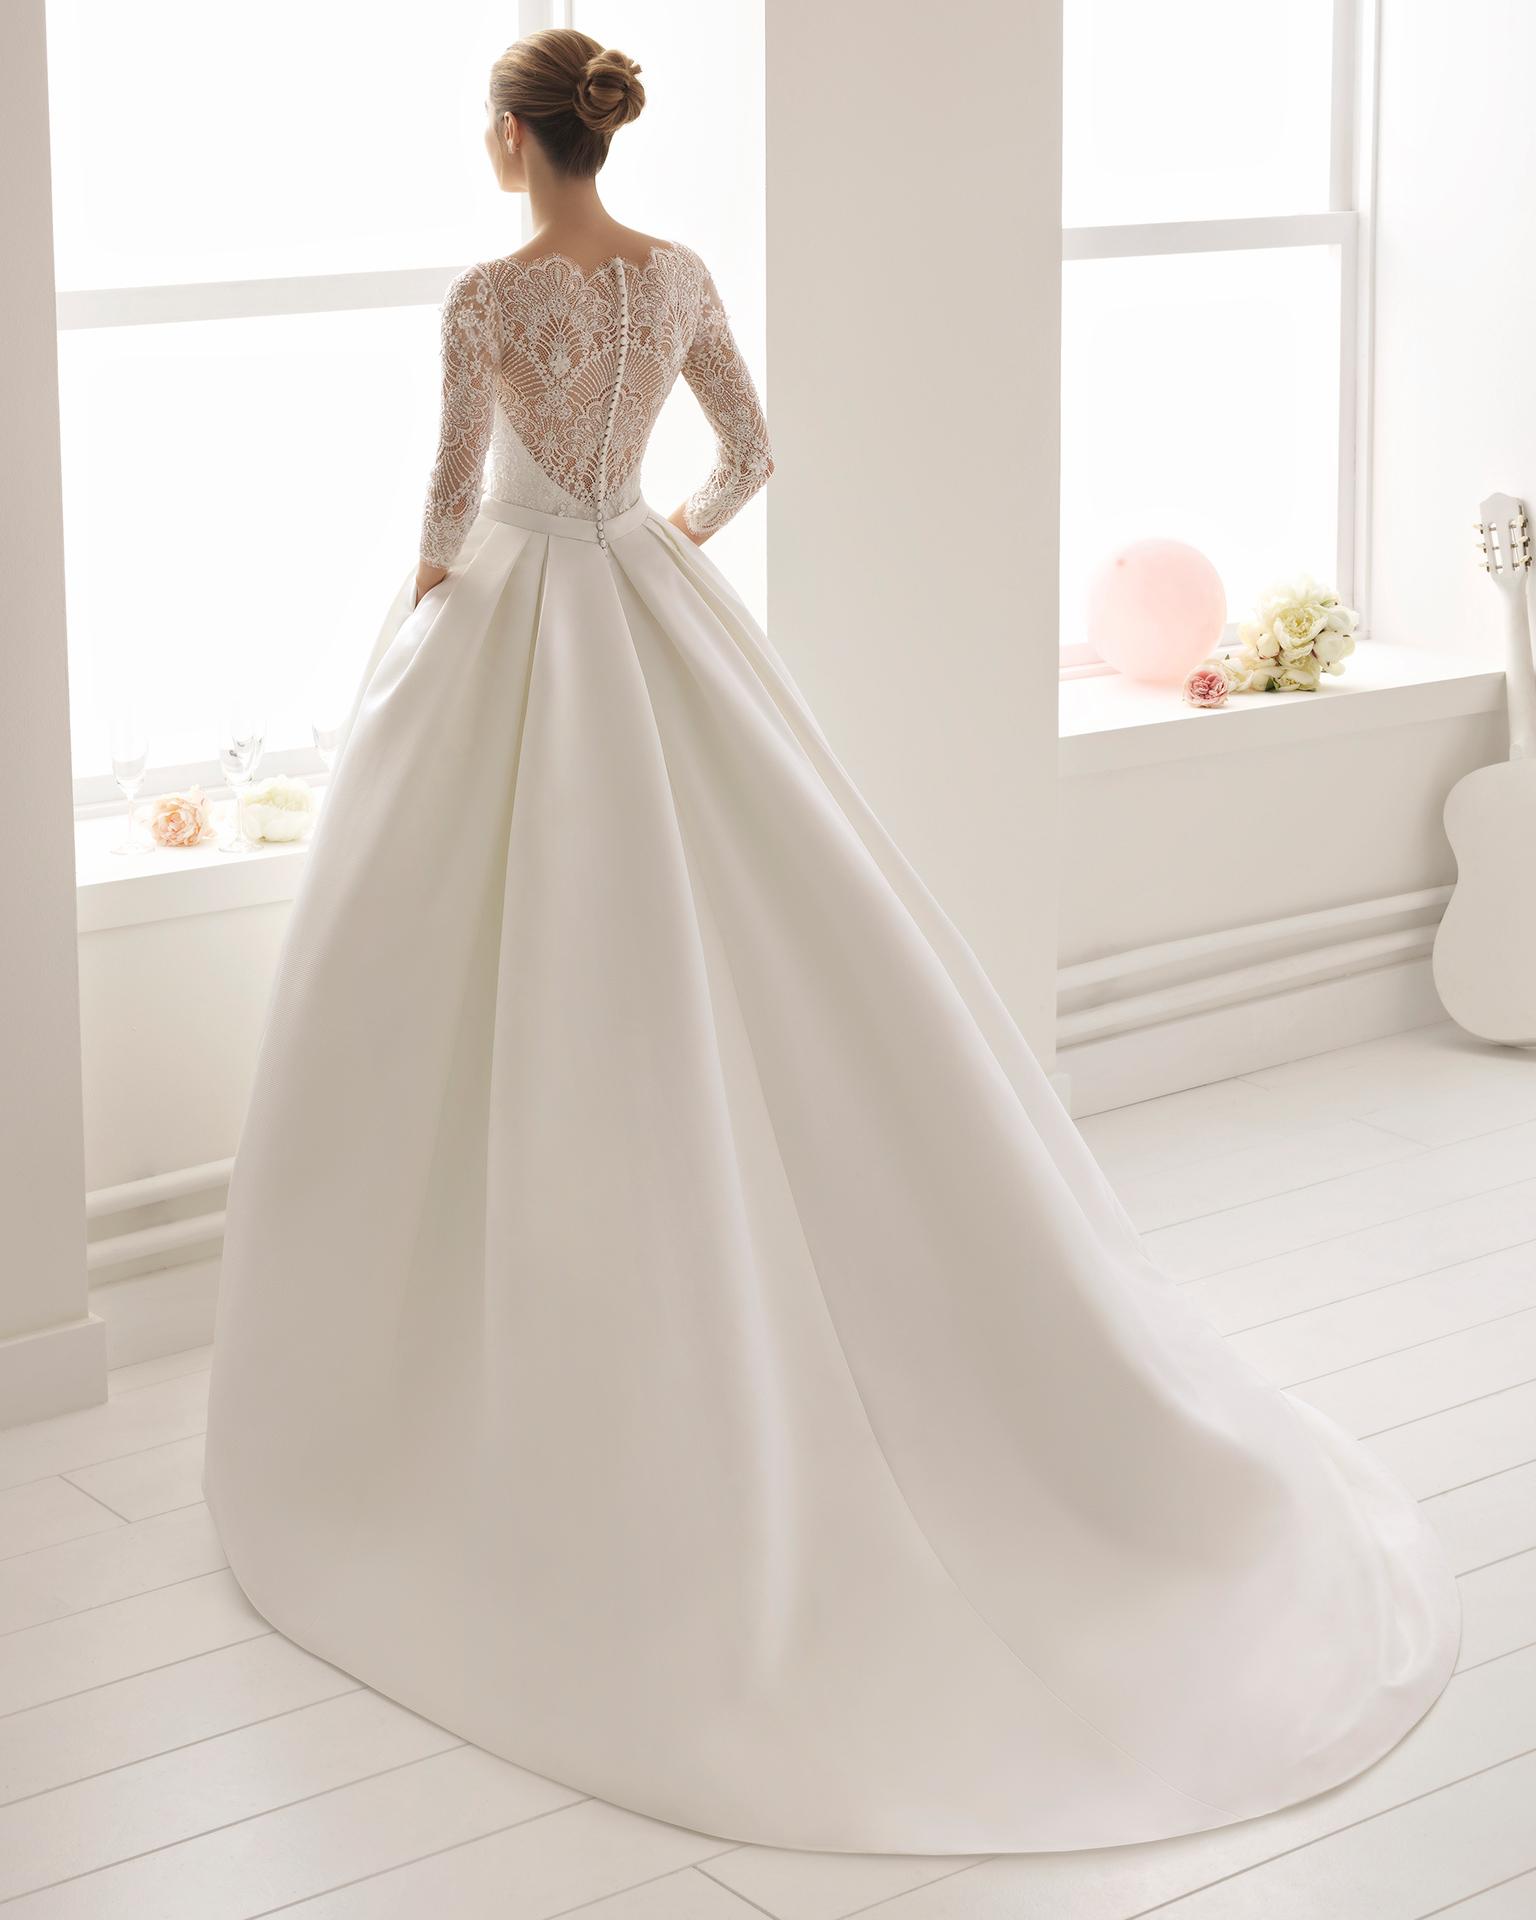 经典风格裸纱领四分之三袖珠饰蕾丝斜纹布新娘婚纱。